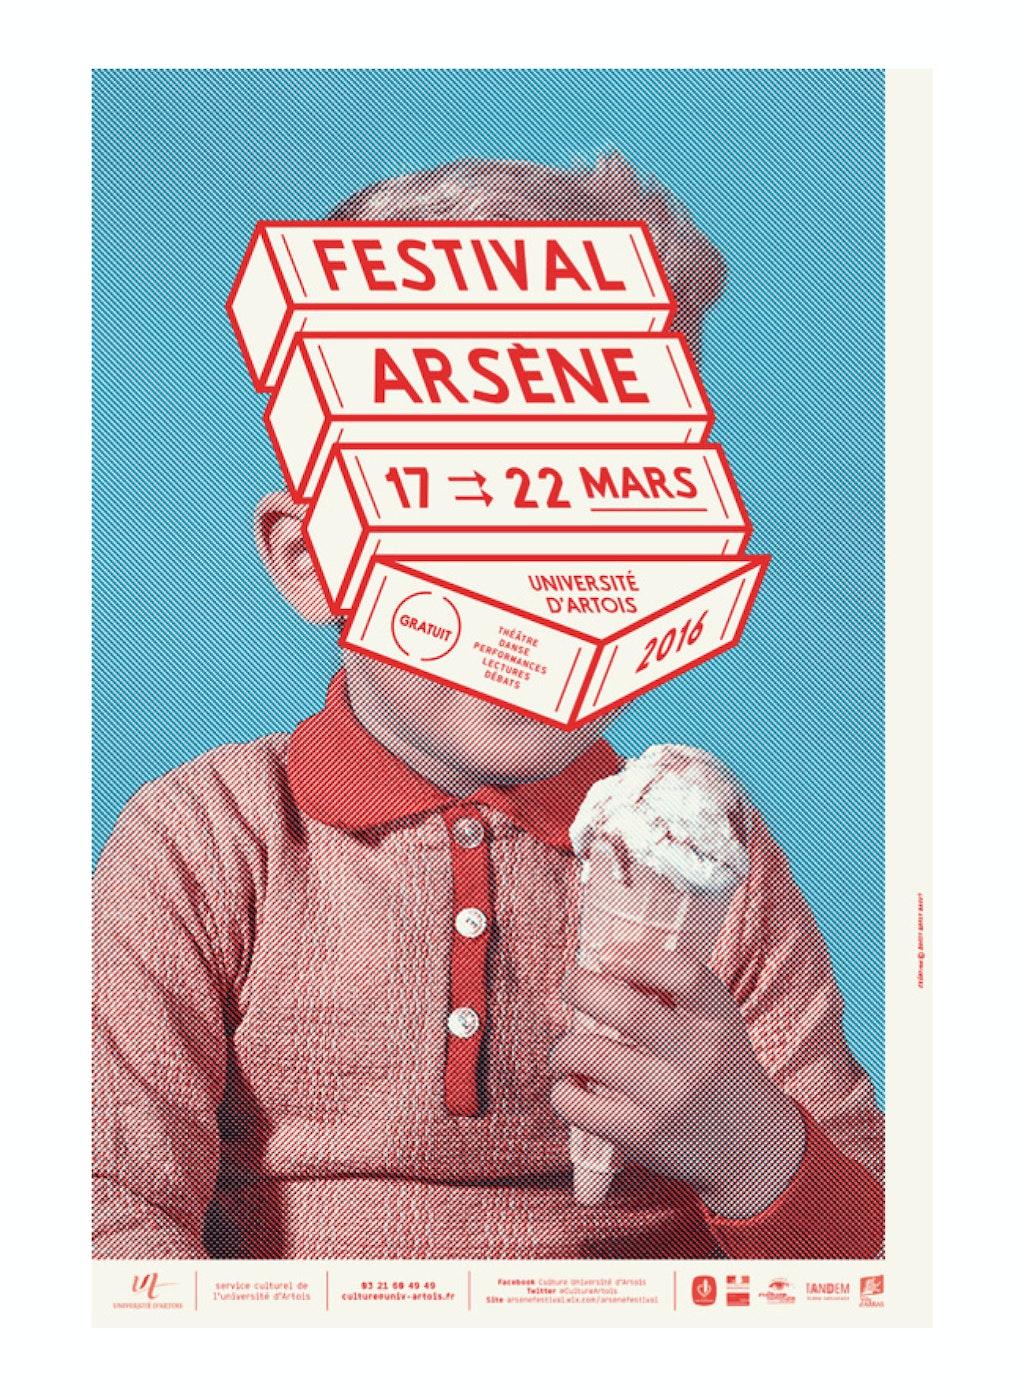 festival Arsène 2016 (Université d'Artois)